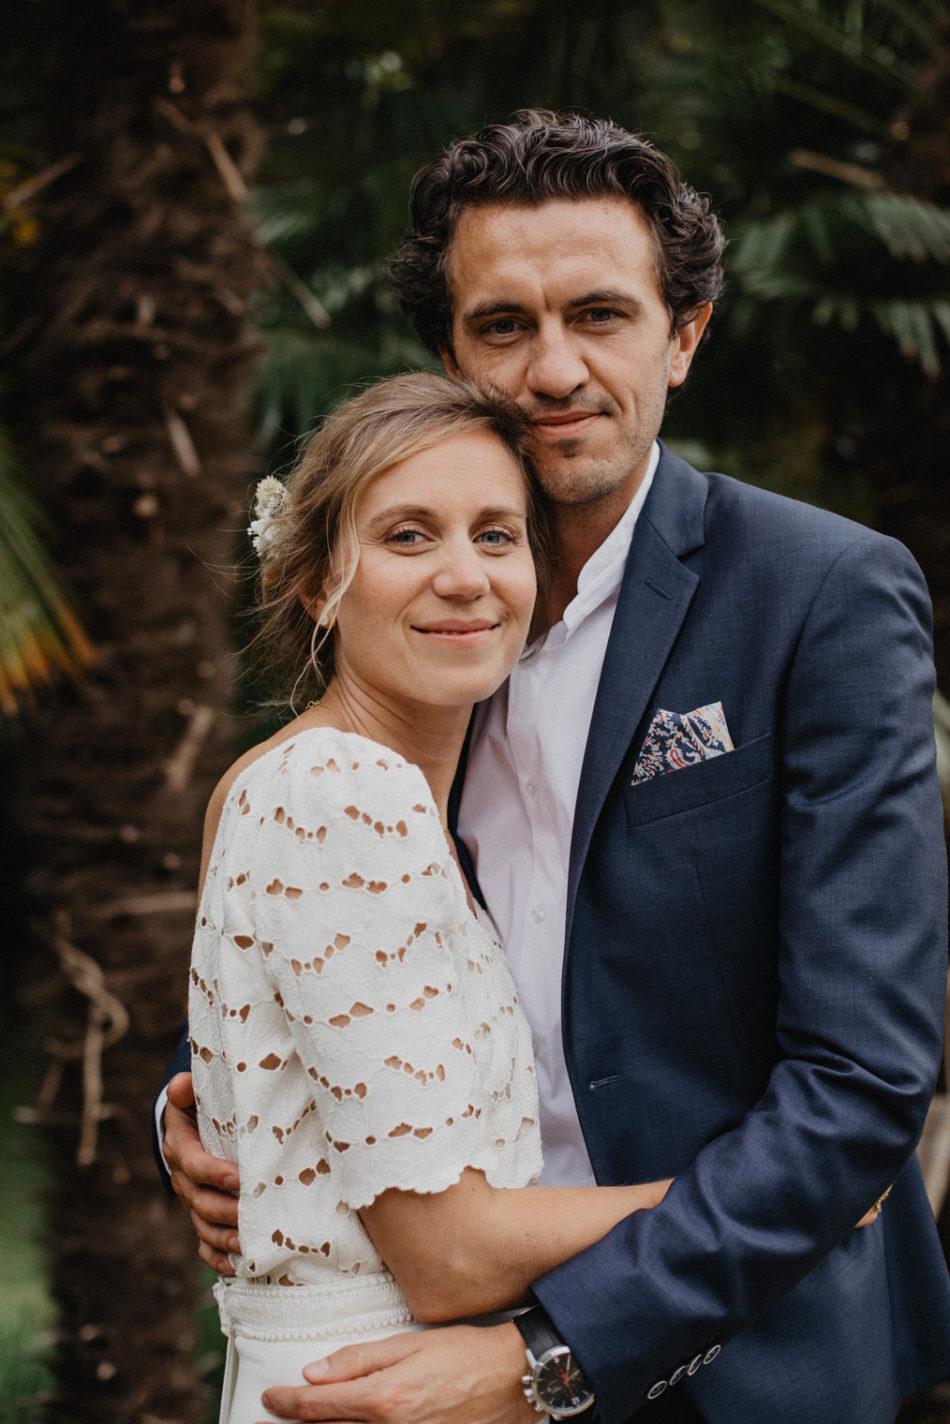 photographe mariage angresse